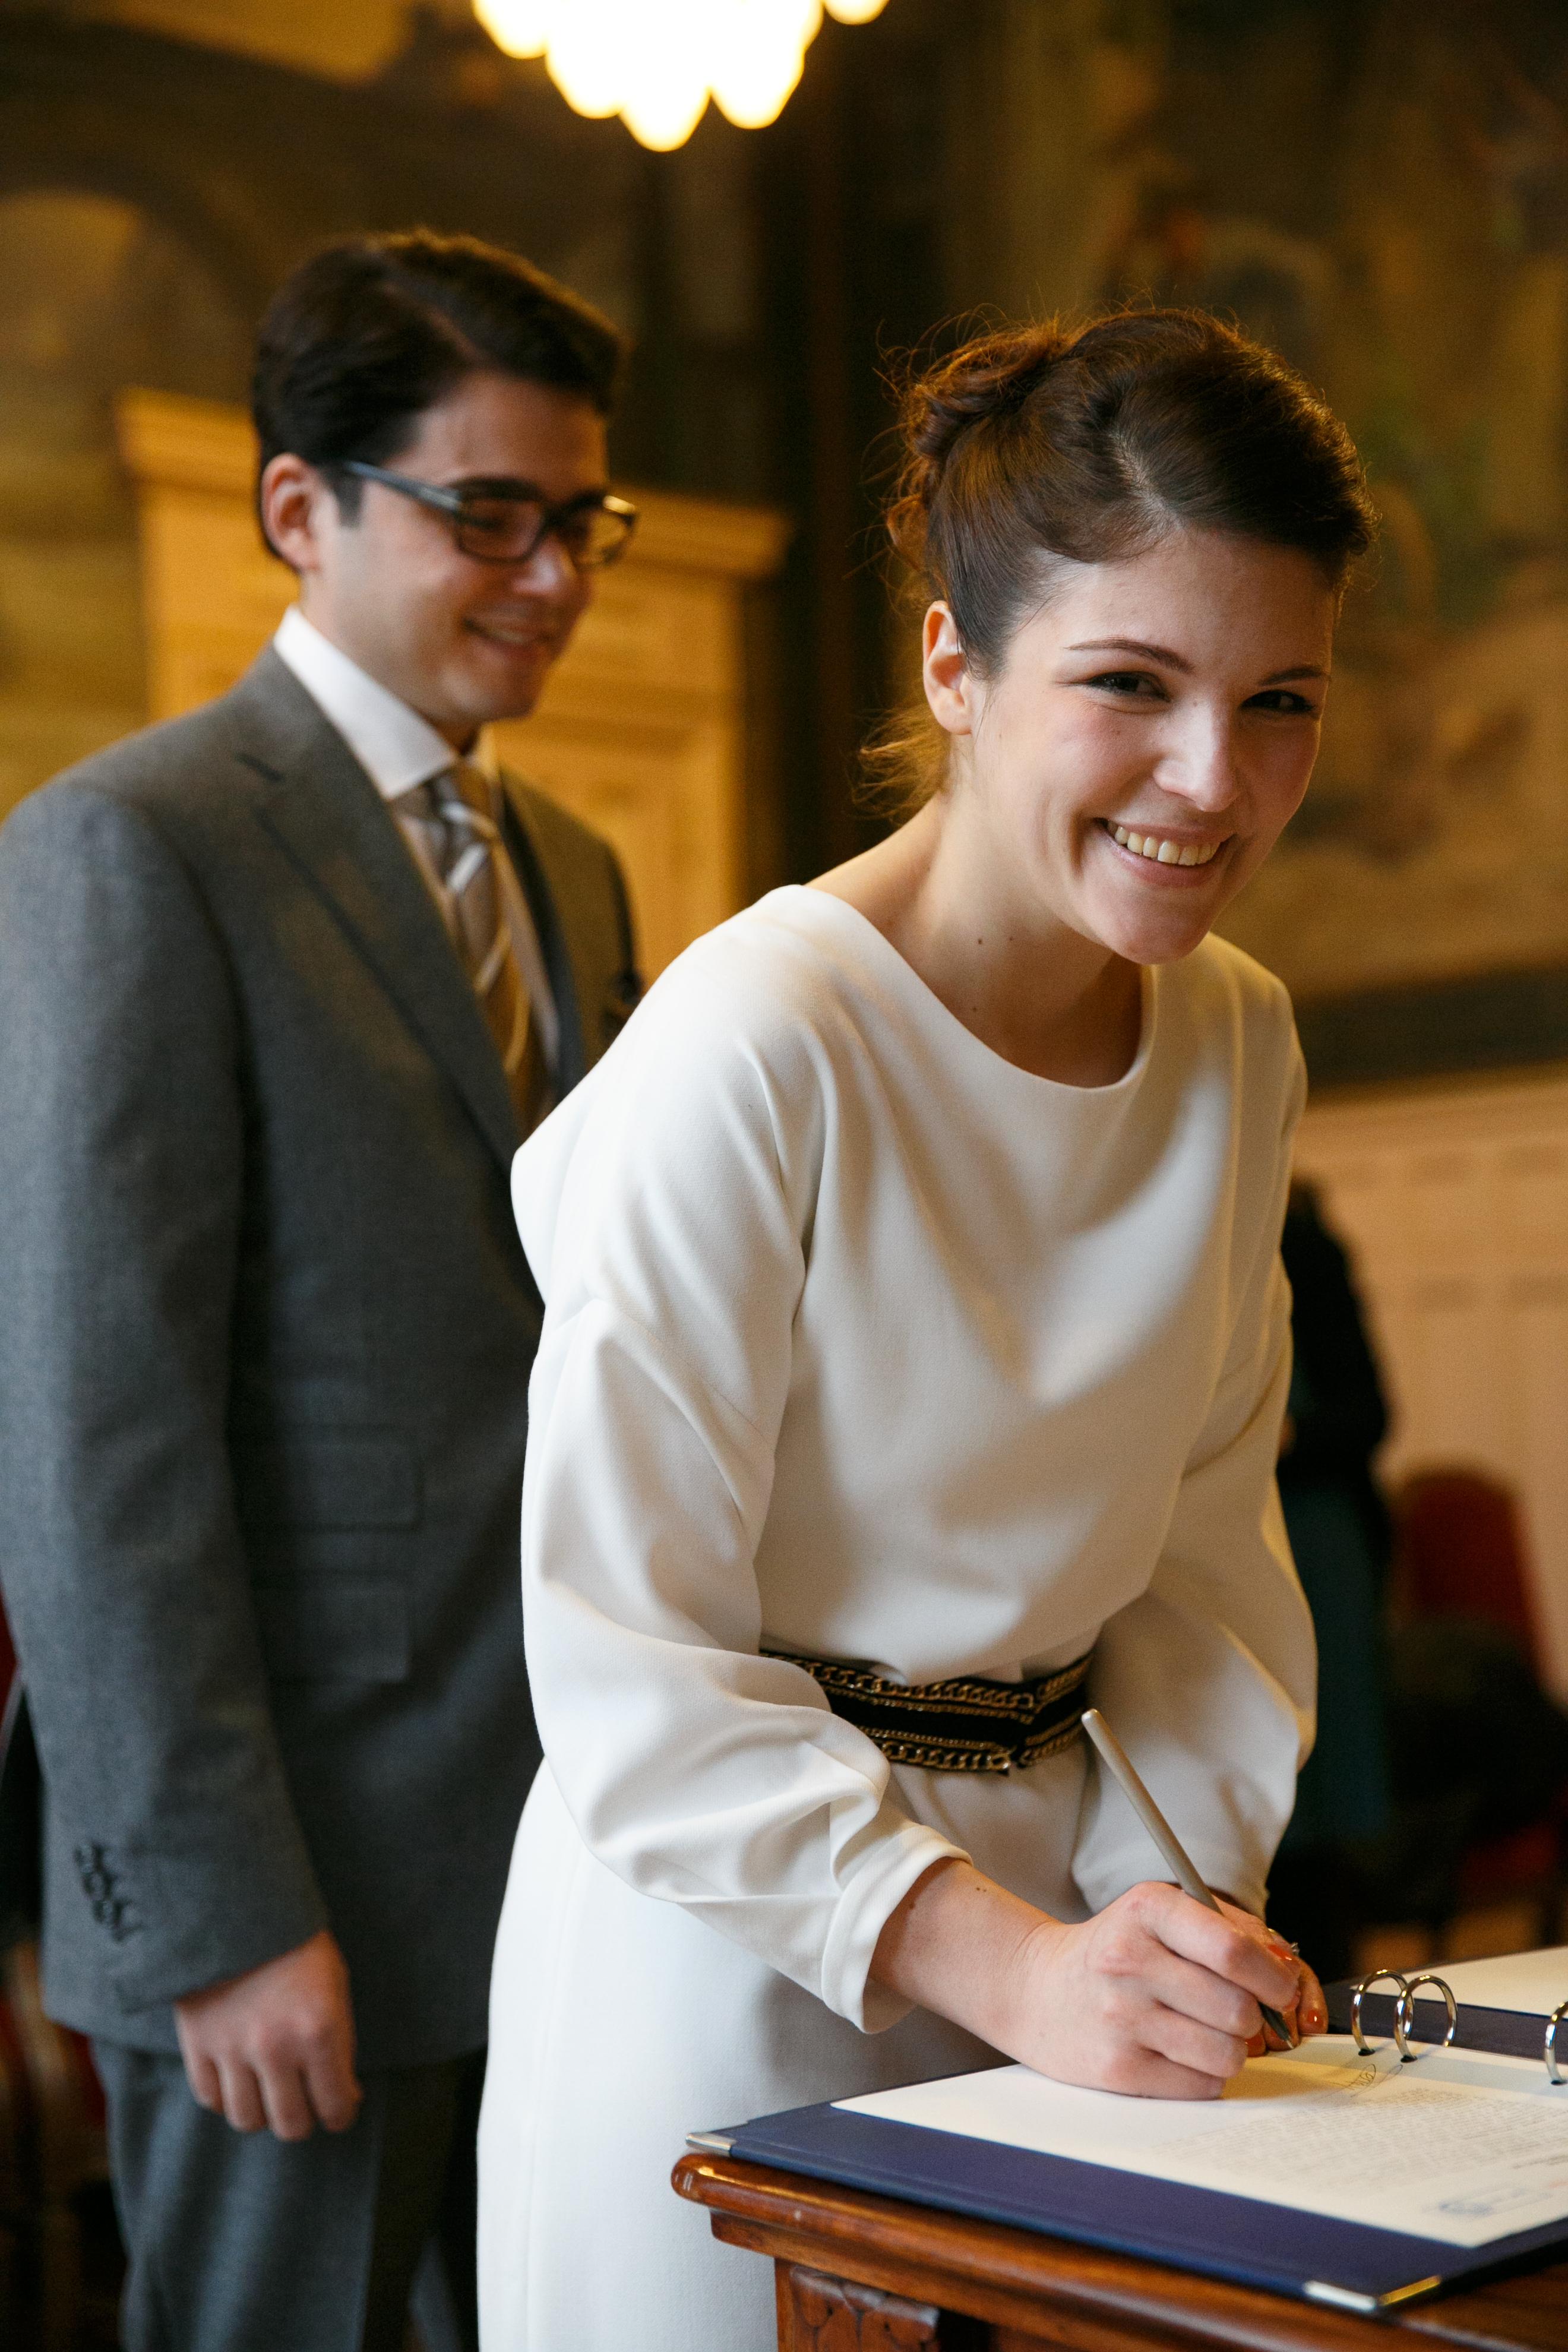 Mon mariage d'hiver à gros budget – la cérémonie civile